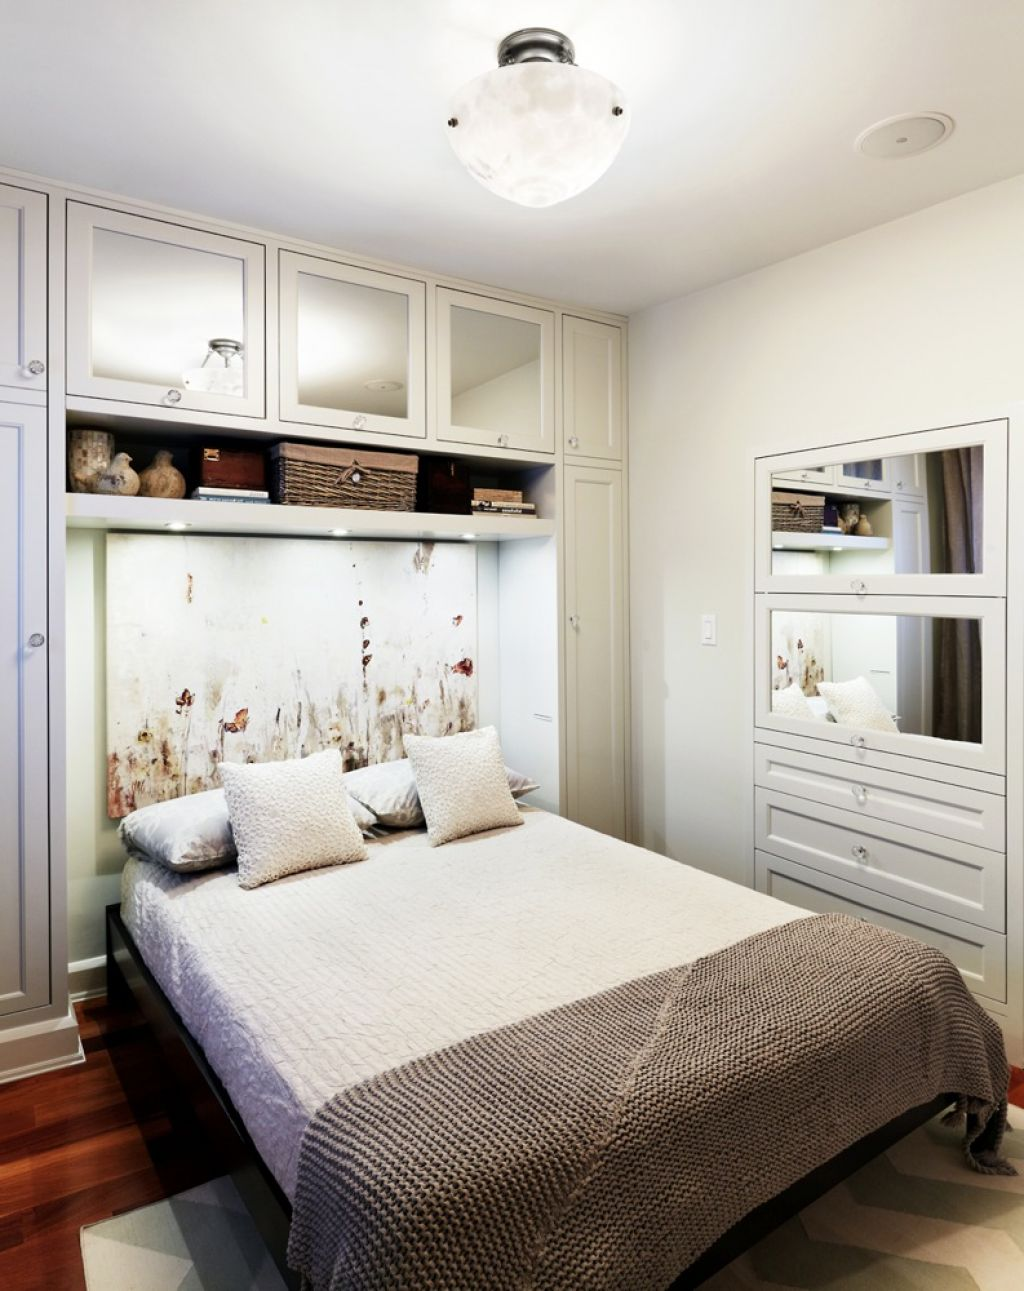 Кровать в нише из шкафов дизайн